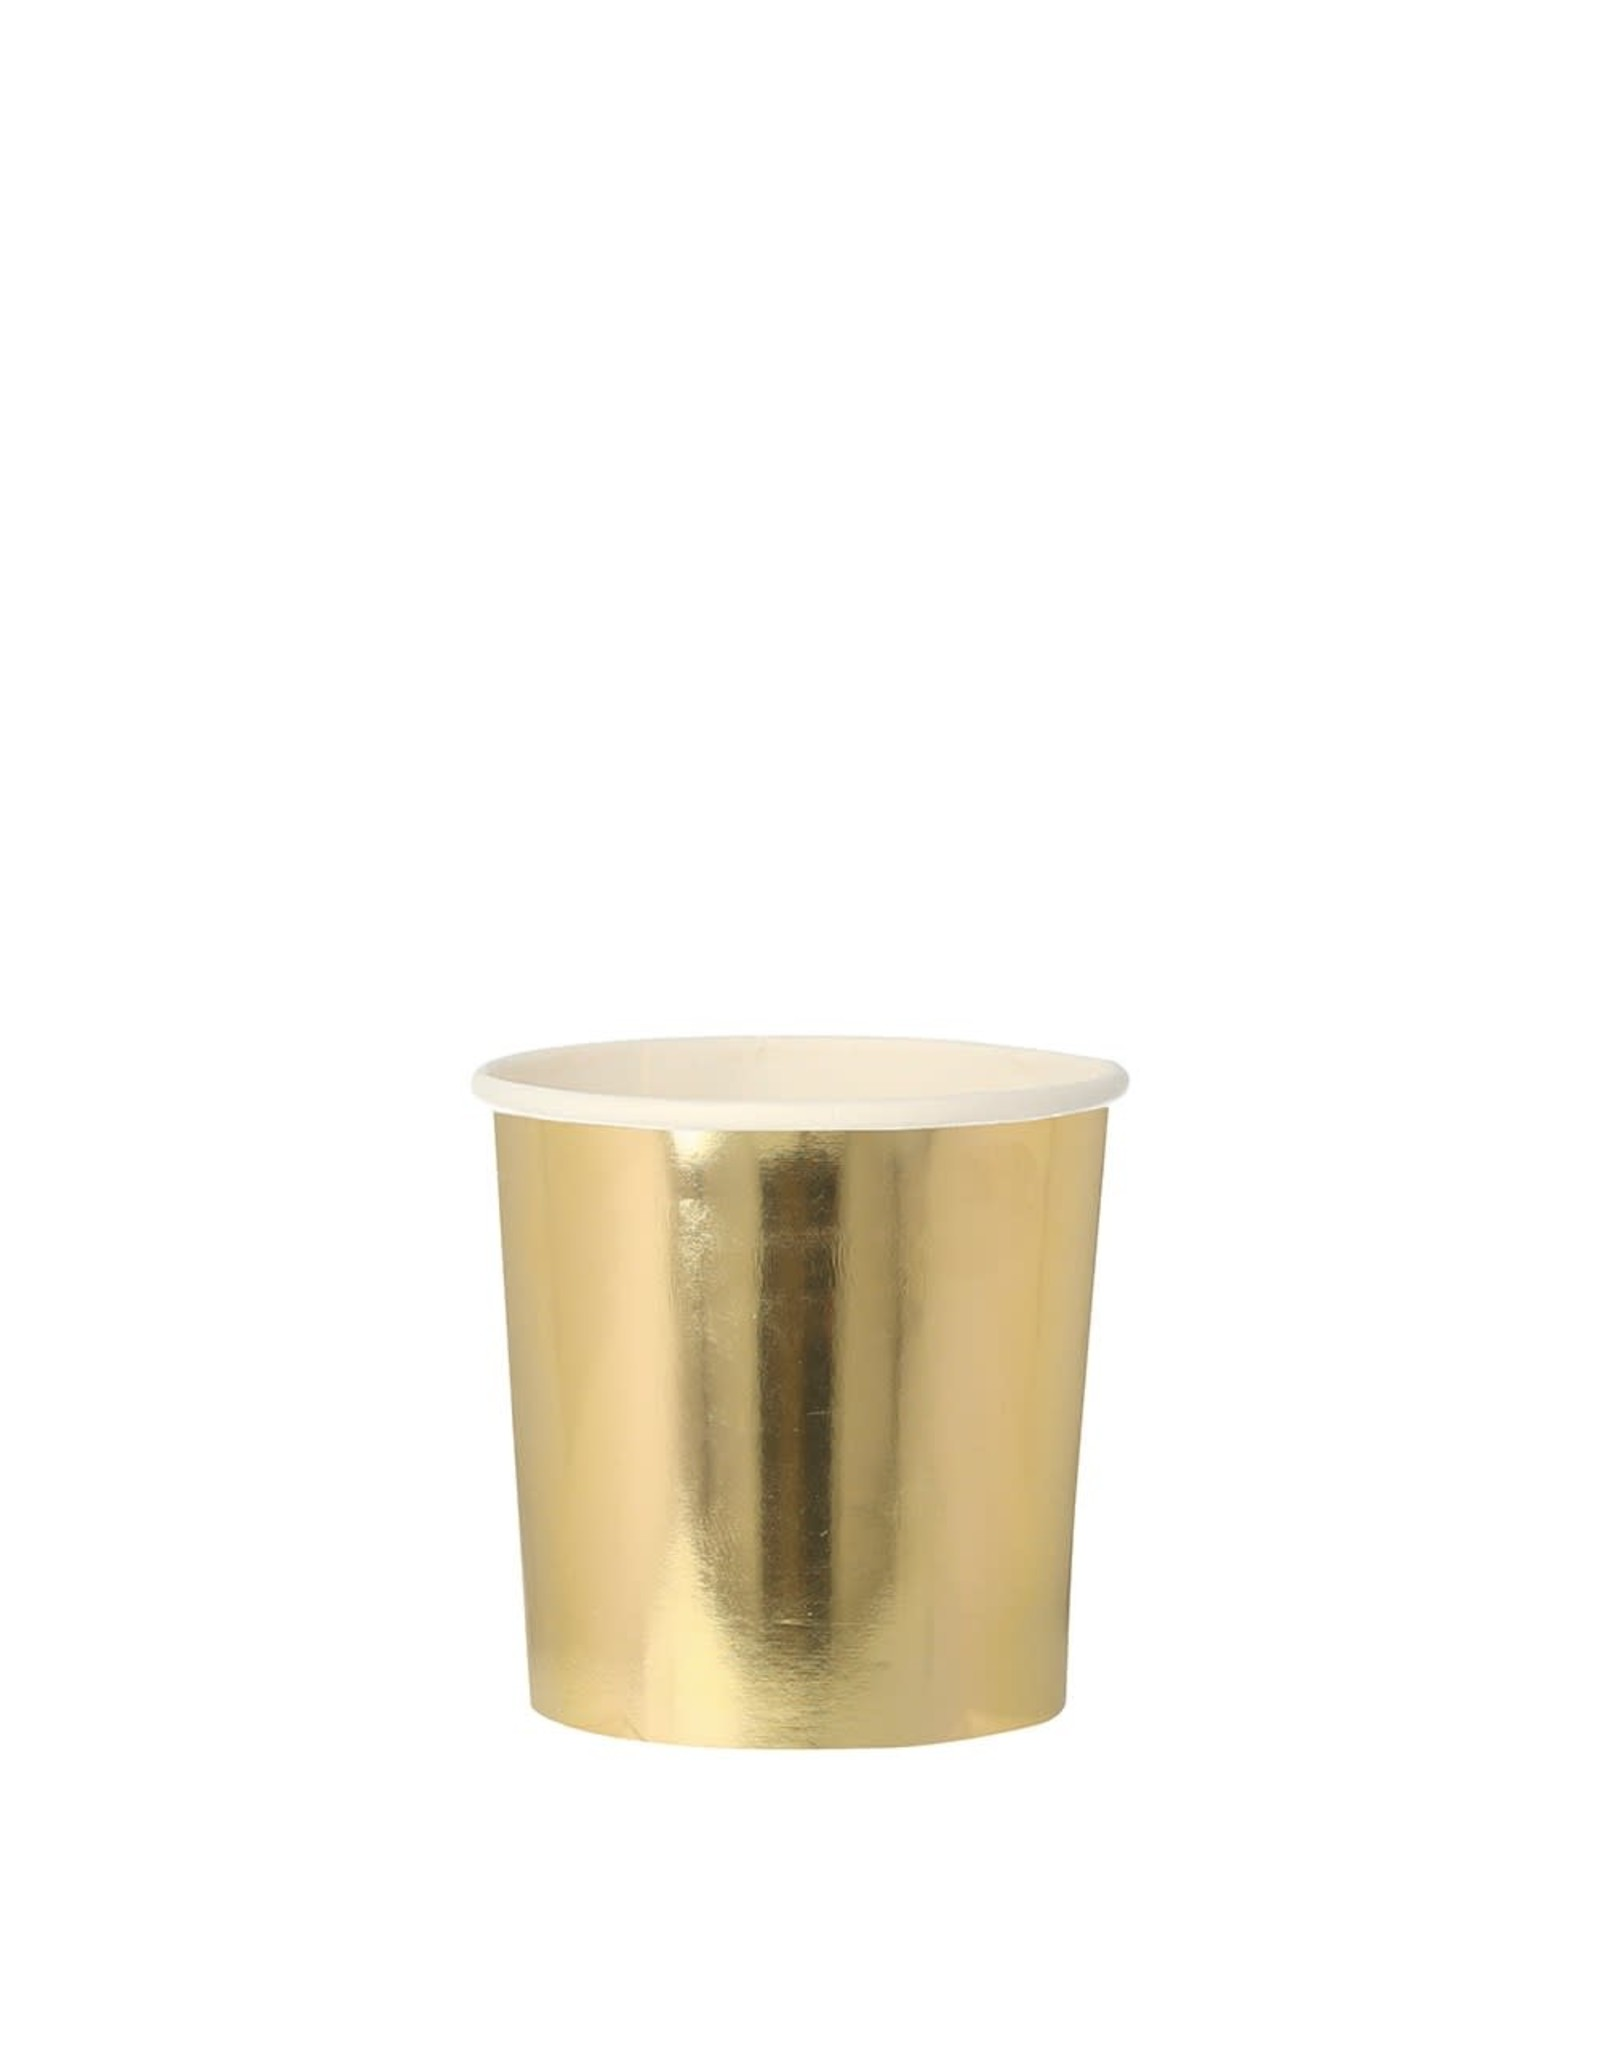 Meri Meri Gold Tumbler Cup, Small